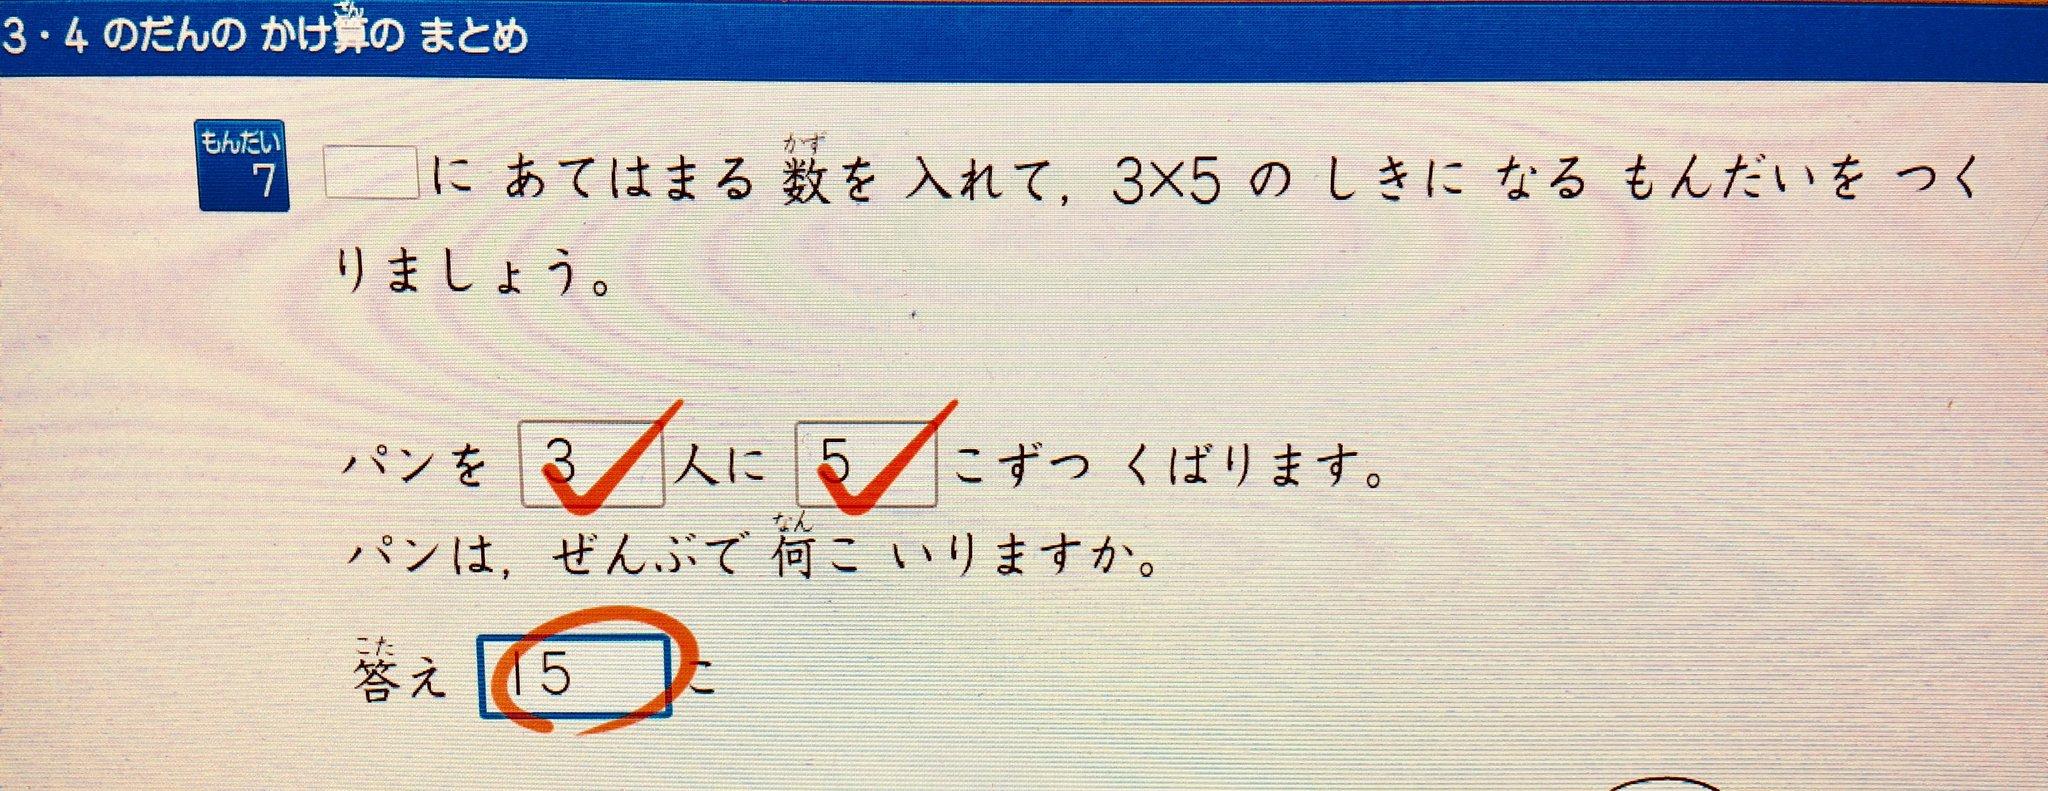 【算数】小2の息子に忍び寄る掛け算の順序問題。さすがに気が狂ってるのではないかと思う。#超算数